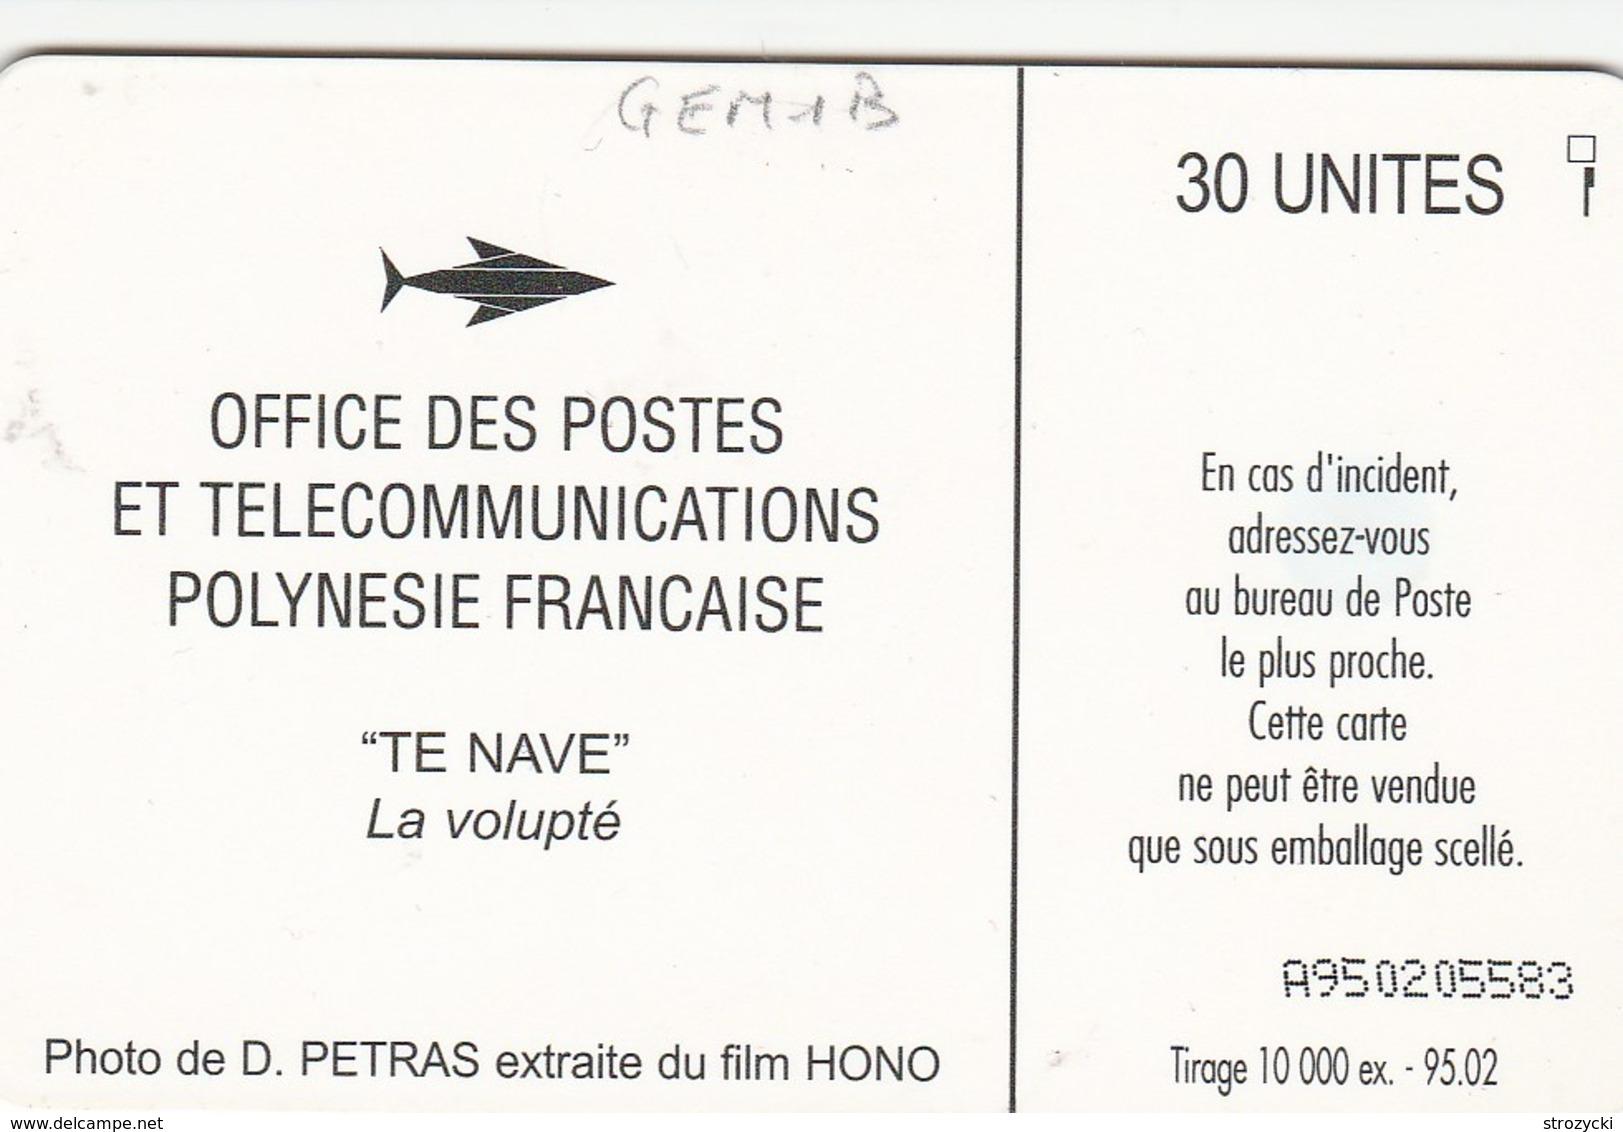 French Polynesia - Te Nave - La Volupté - FP032 - French Polynesia